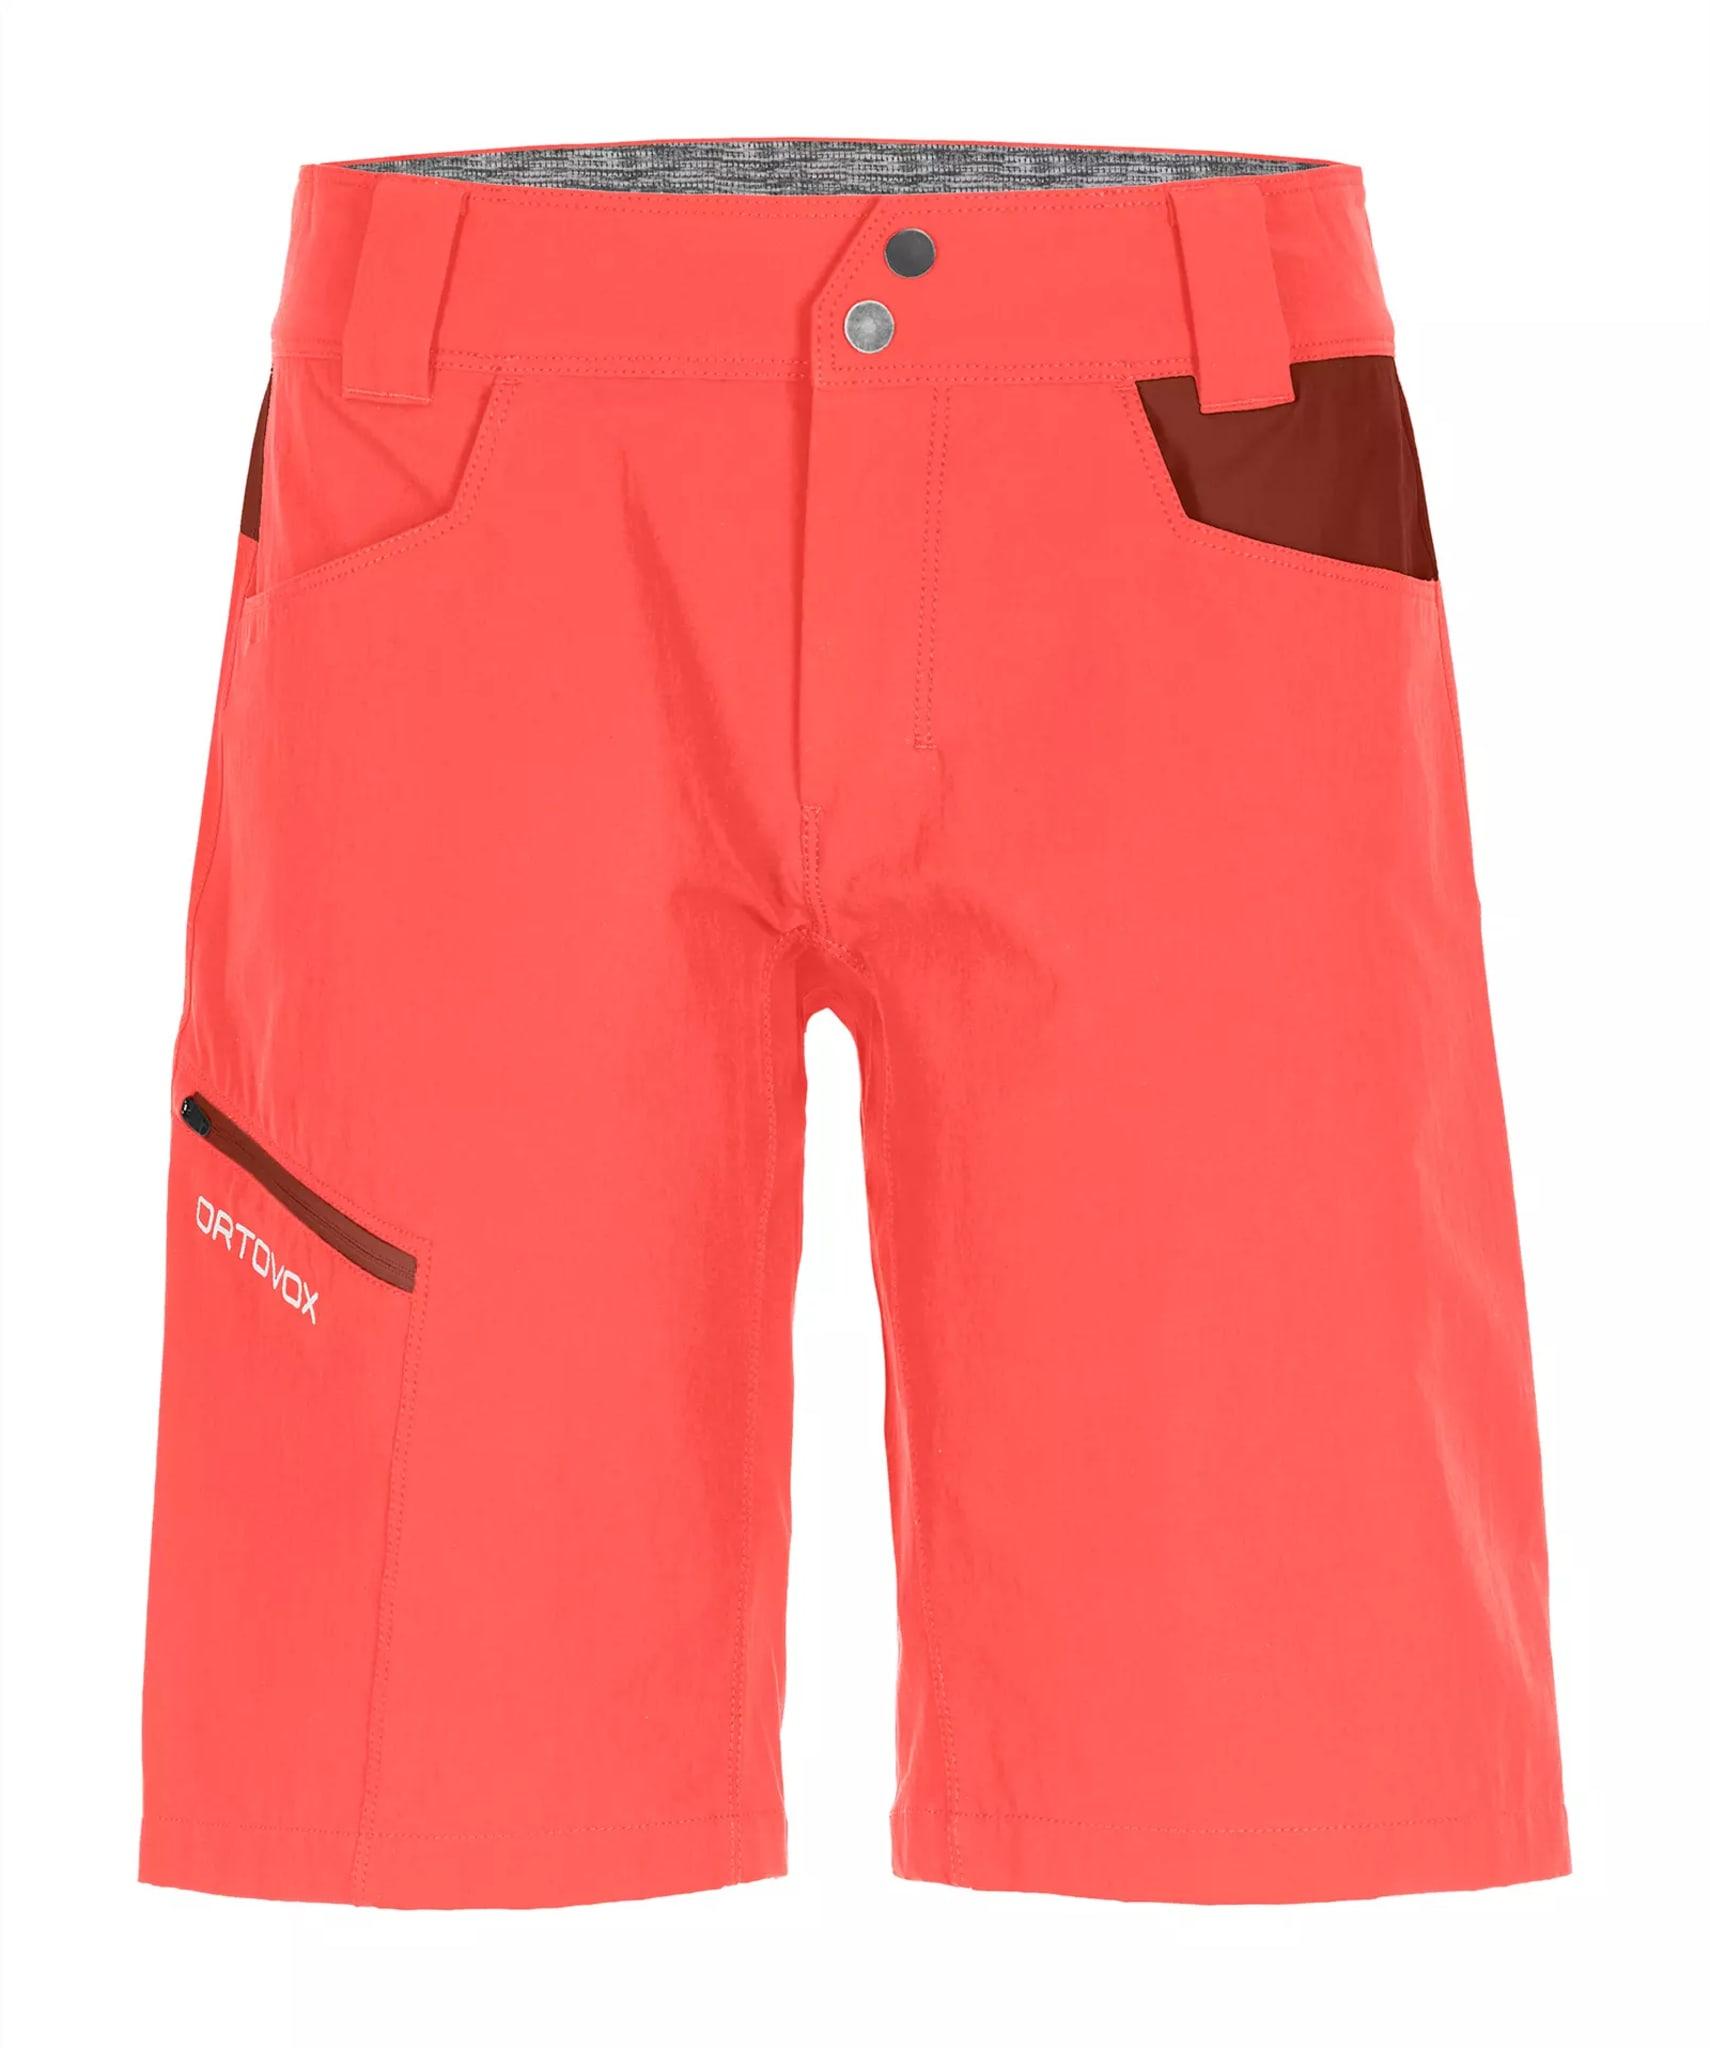 Luftig og lett shorts med merinoull